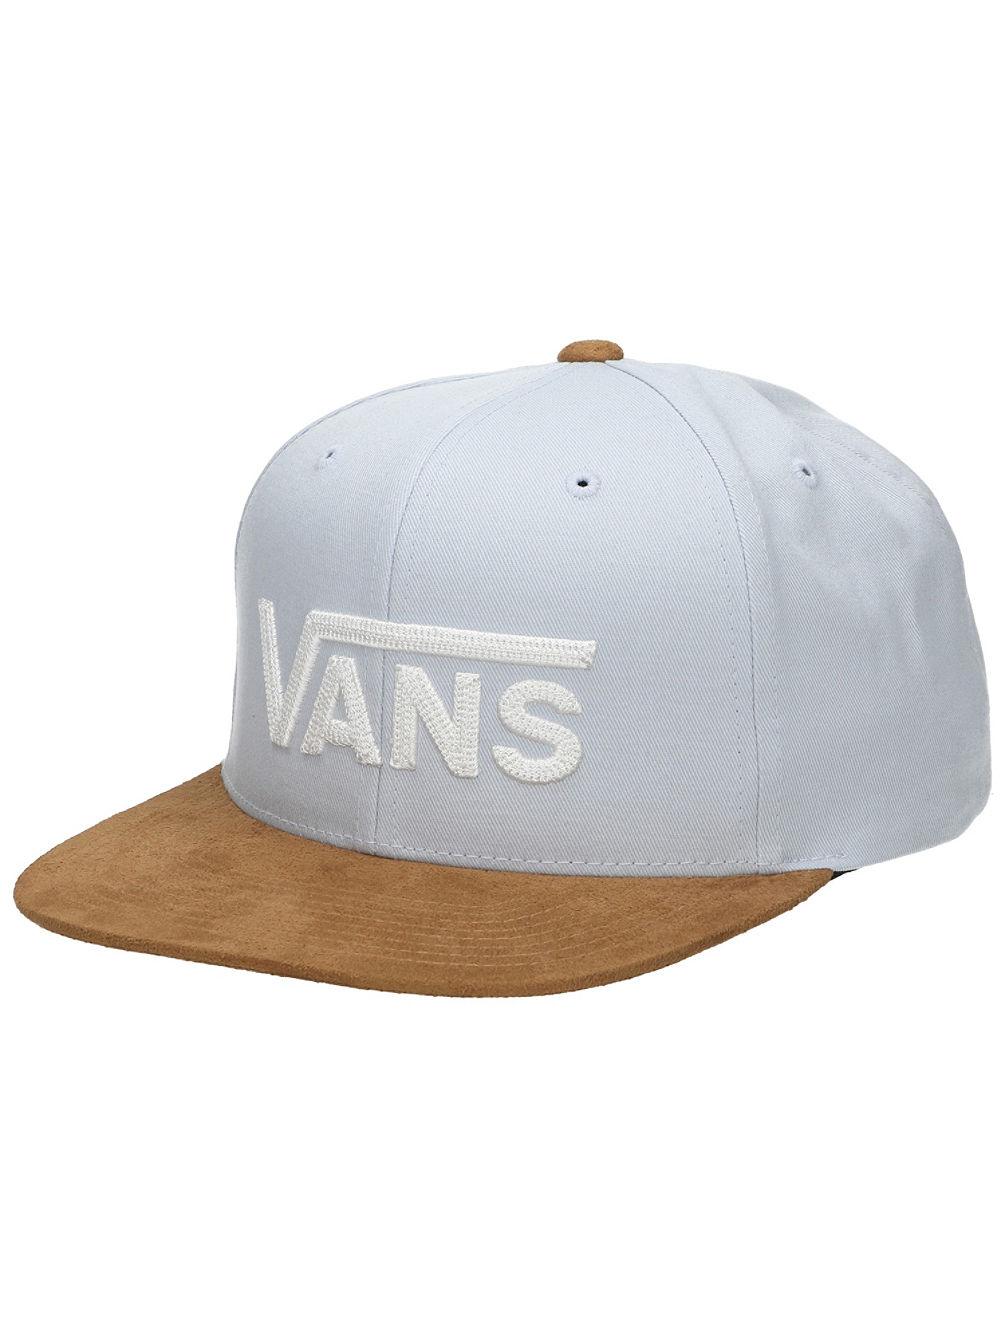 2a92a303 Buy Vans Drop V II Snapback Cap online at Blue Tomato